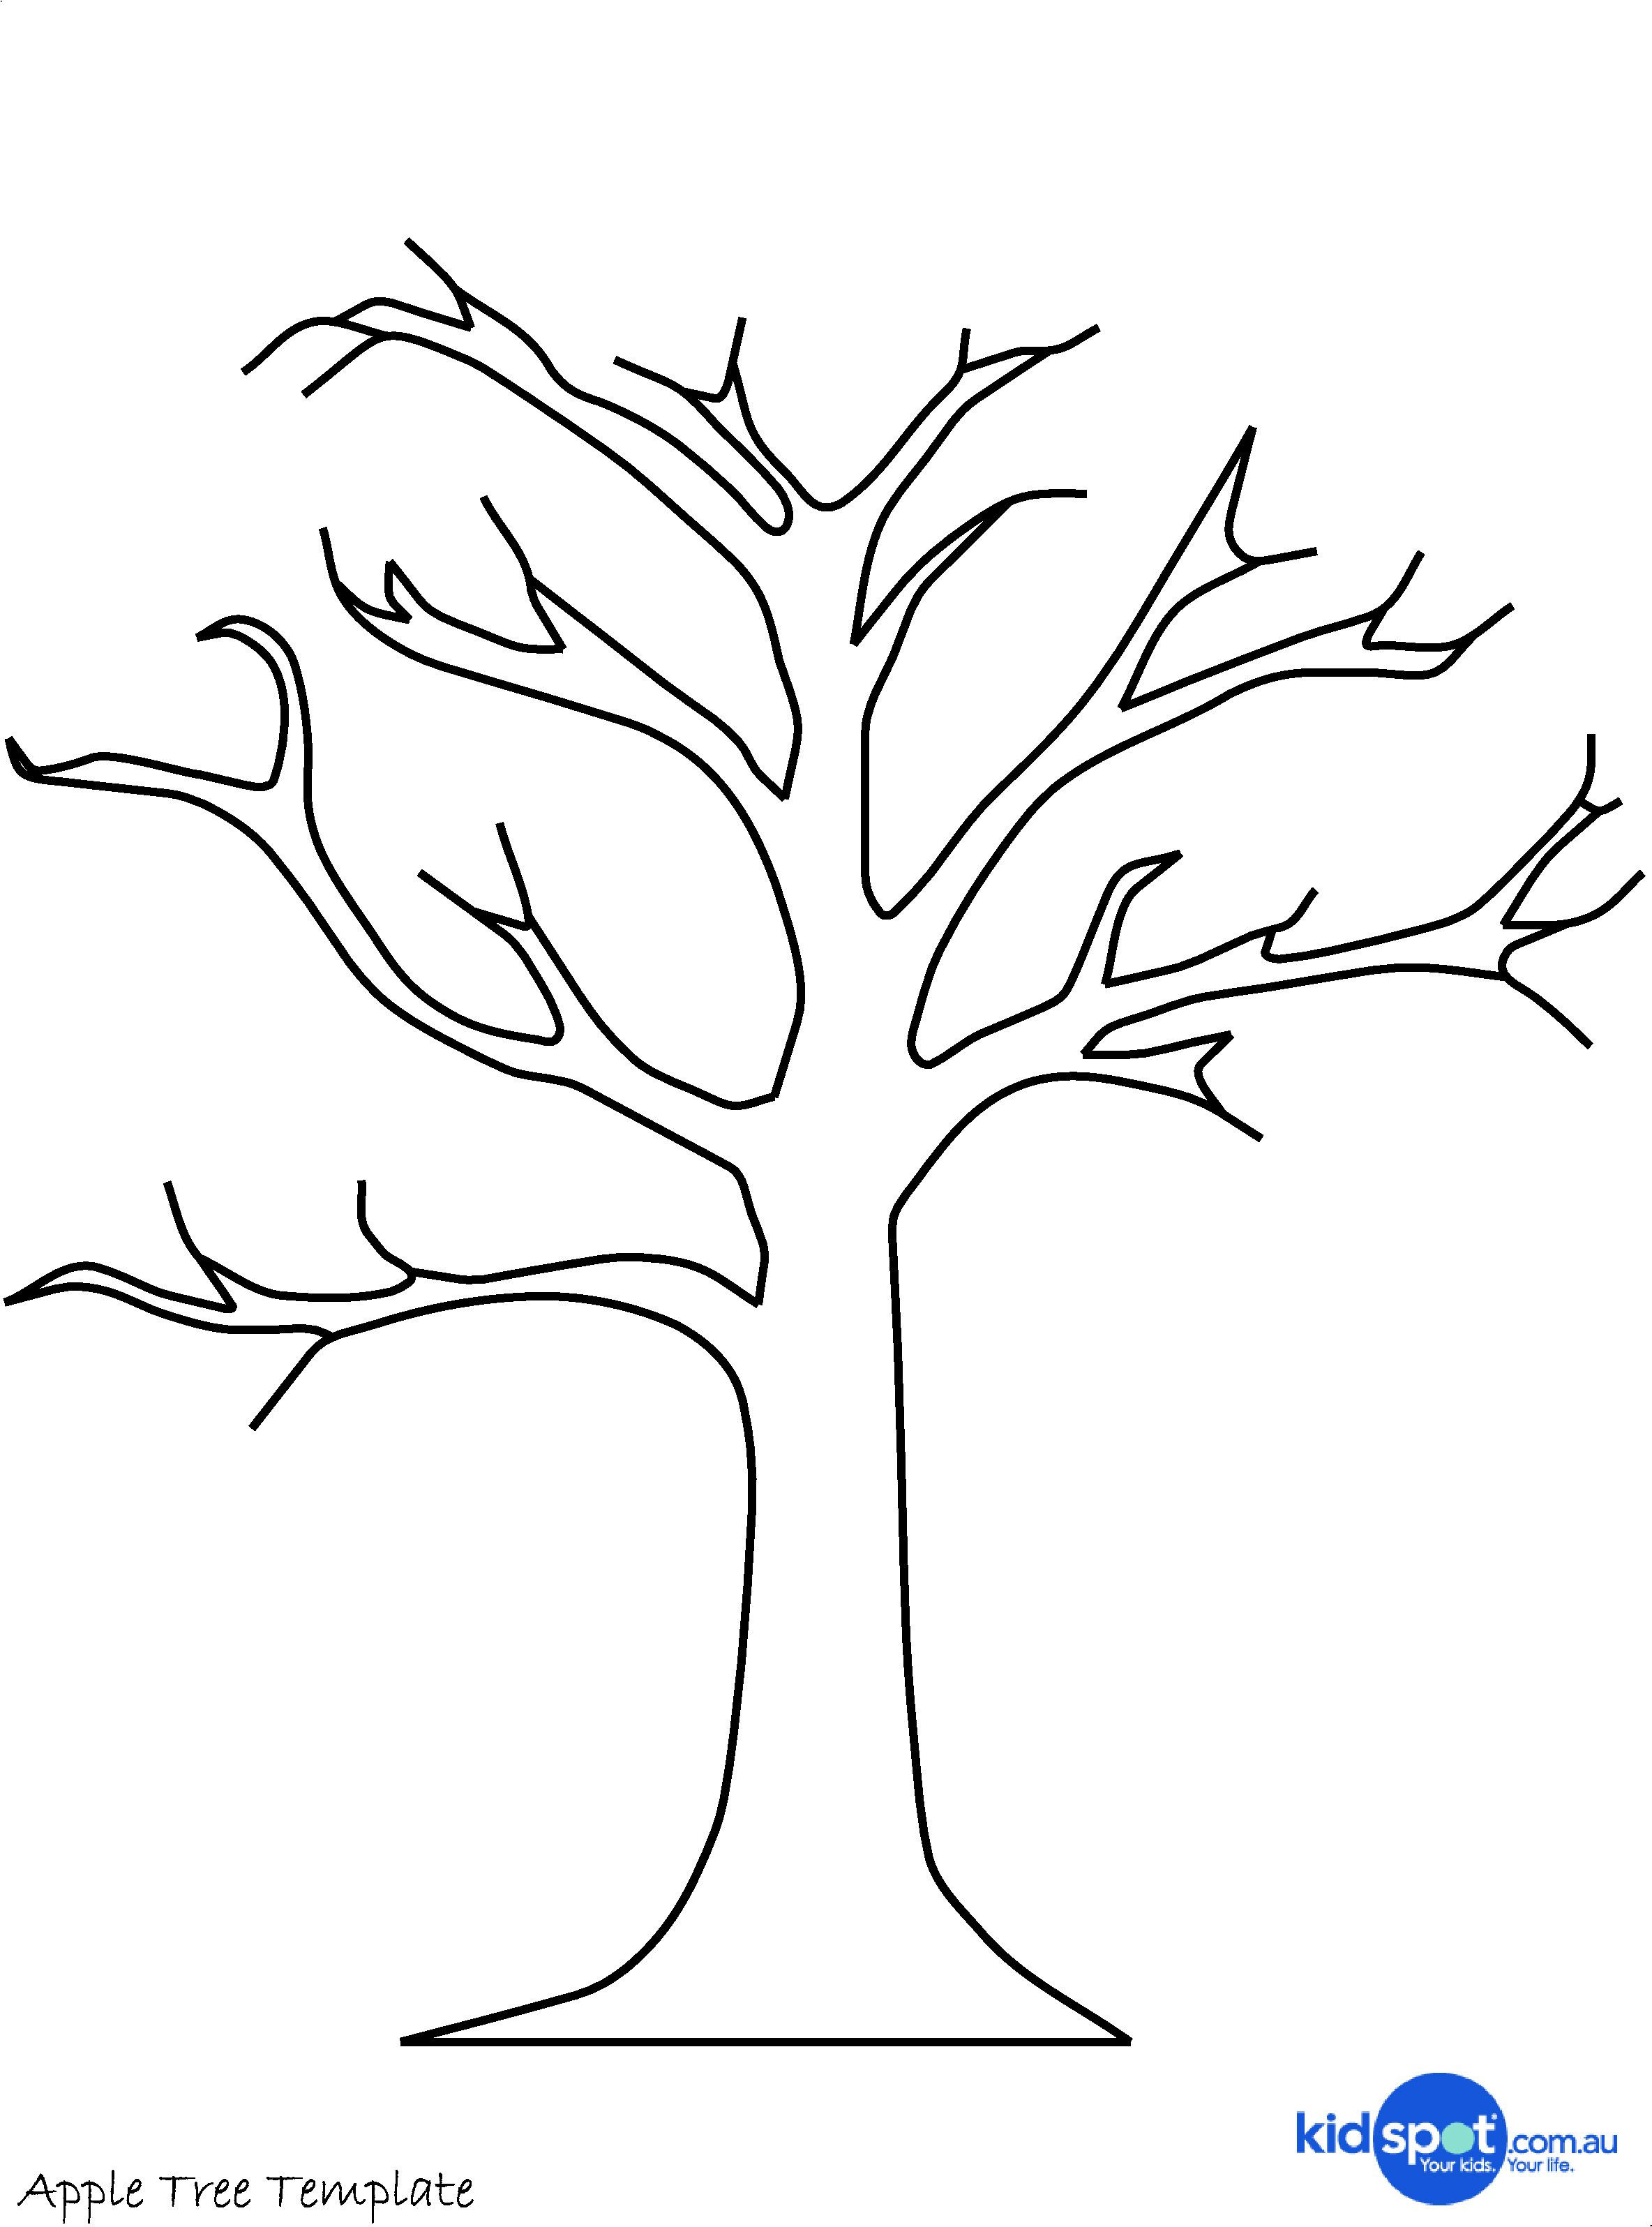 Ausmalbilder Herbst Eule Frisch Tree Craft Cork Stamp Apple Tree Vbs Pinterest Schön Ausmalbilder Bilder